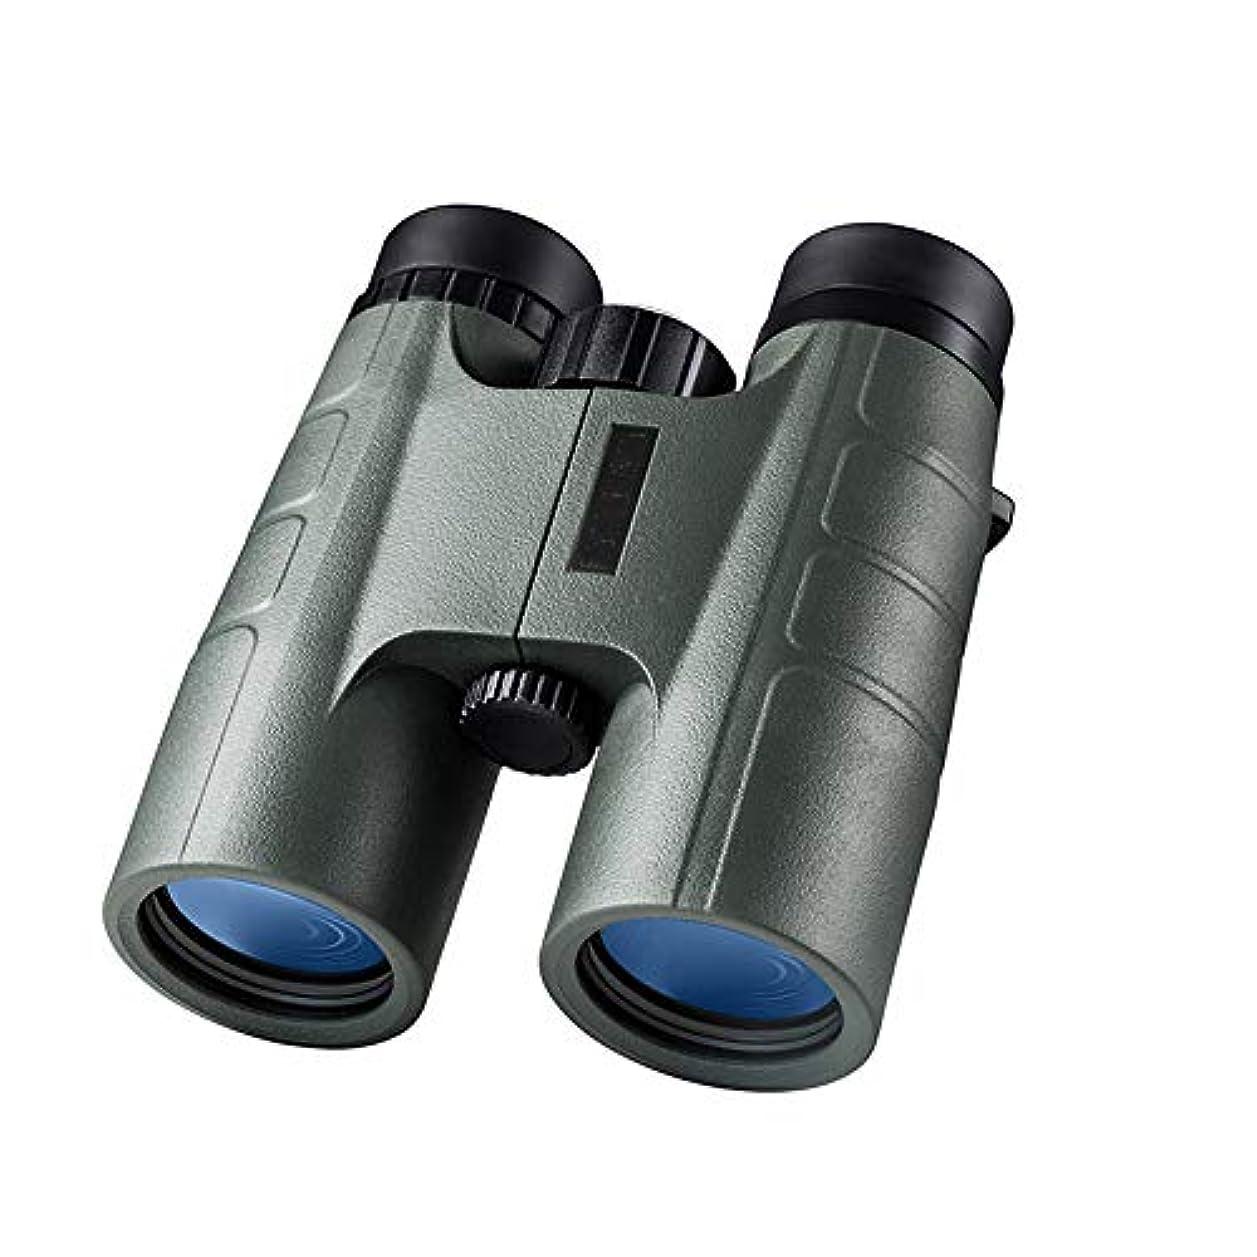 トラップ運命刑務所双眼鏡、10 x 42レンズプロ望遠鏡子供大人BAK4 FMCコーティング